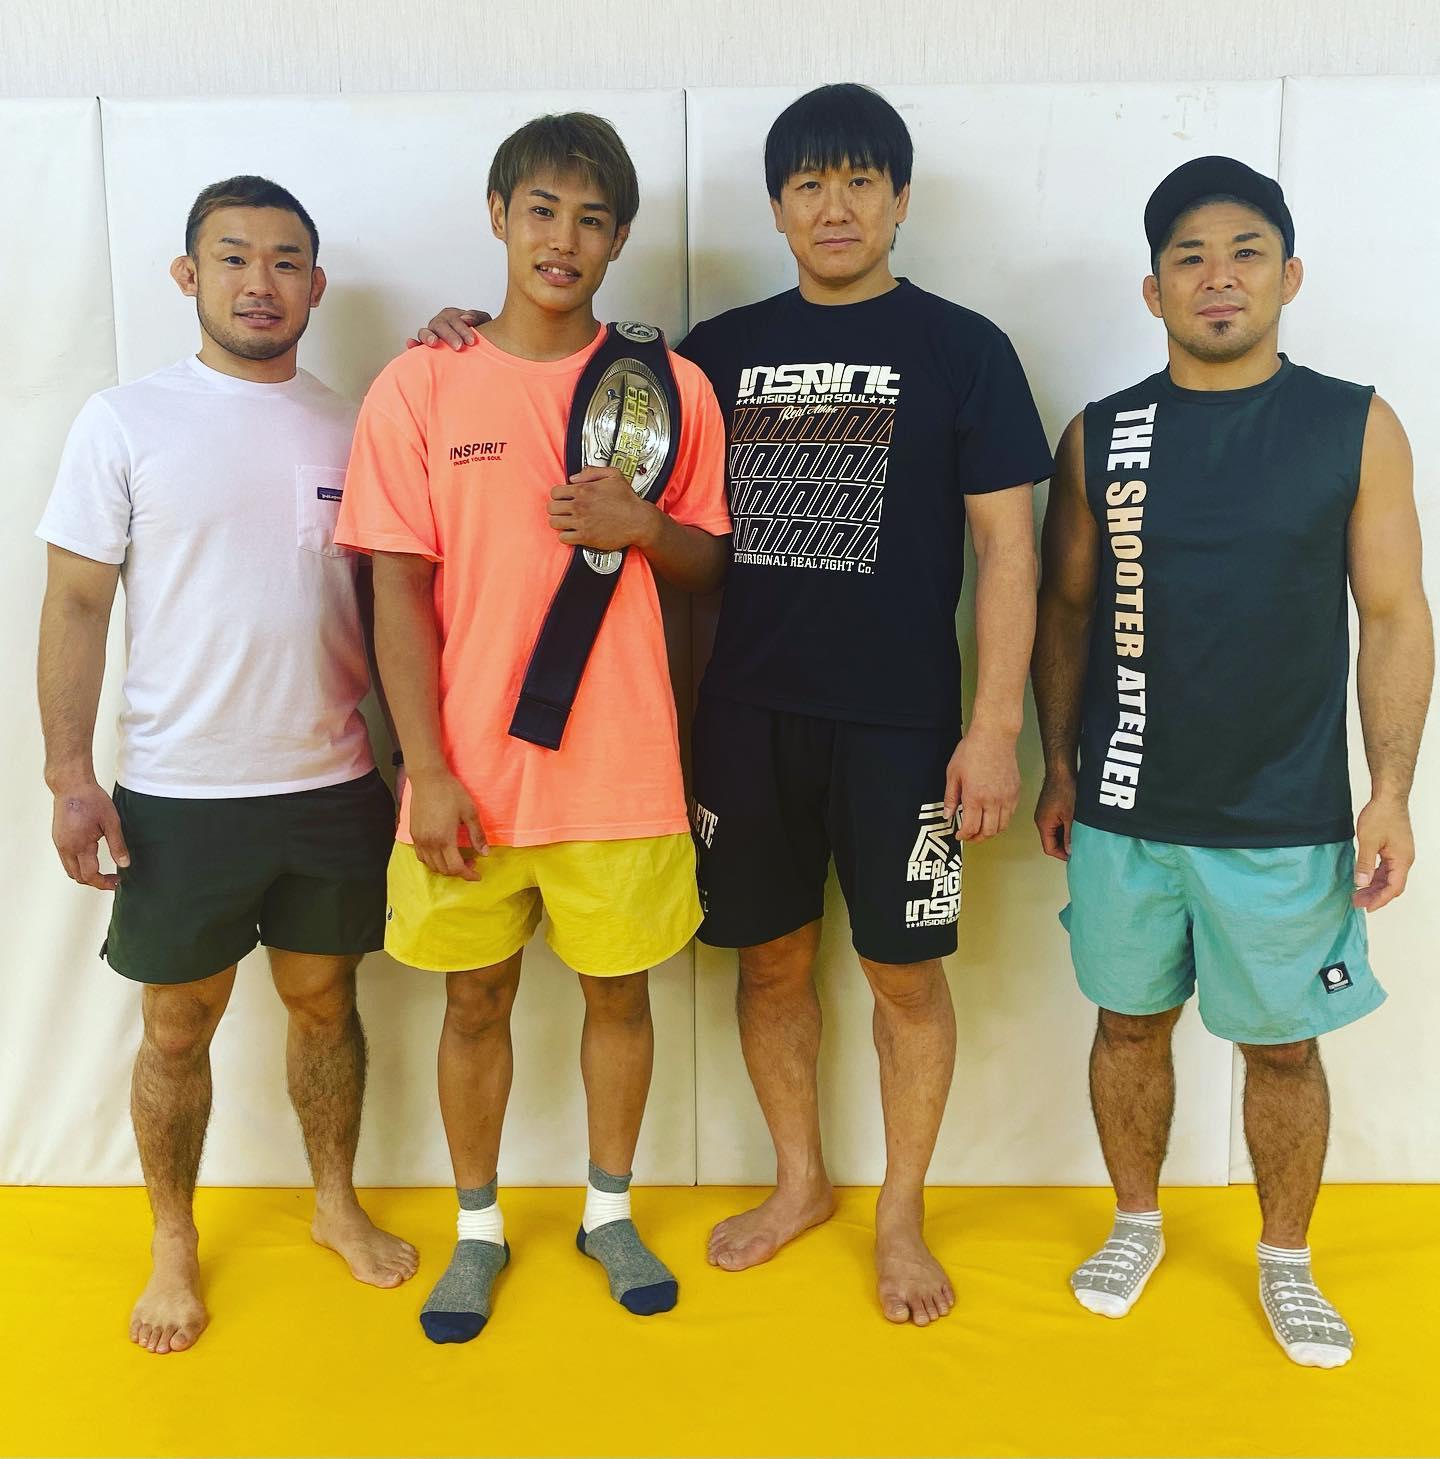 僭越ながら『DROP KICK』チャンネル様にインタビューしていただきました!沖縄初の修斗世界王者・平良達郎はこうして生まれた「ただ格闘技を教えるだけではない、指導者は選手の人生に寄り添うことが大事だ」皆様御一読頂ければ幸いです、よろしくお願いします!https://sp.ch.nicovideo.jp/dropkick/blomaga/ar2040015#DROPKICK#松根良太#パラエストラ #沖縄 #那覇 #与儀 #MMA #shooto #コザ #総合格闘技 #修斗 #キックボクシング #柔術 #jiujitsu #ダイエット